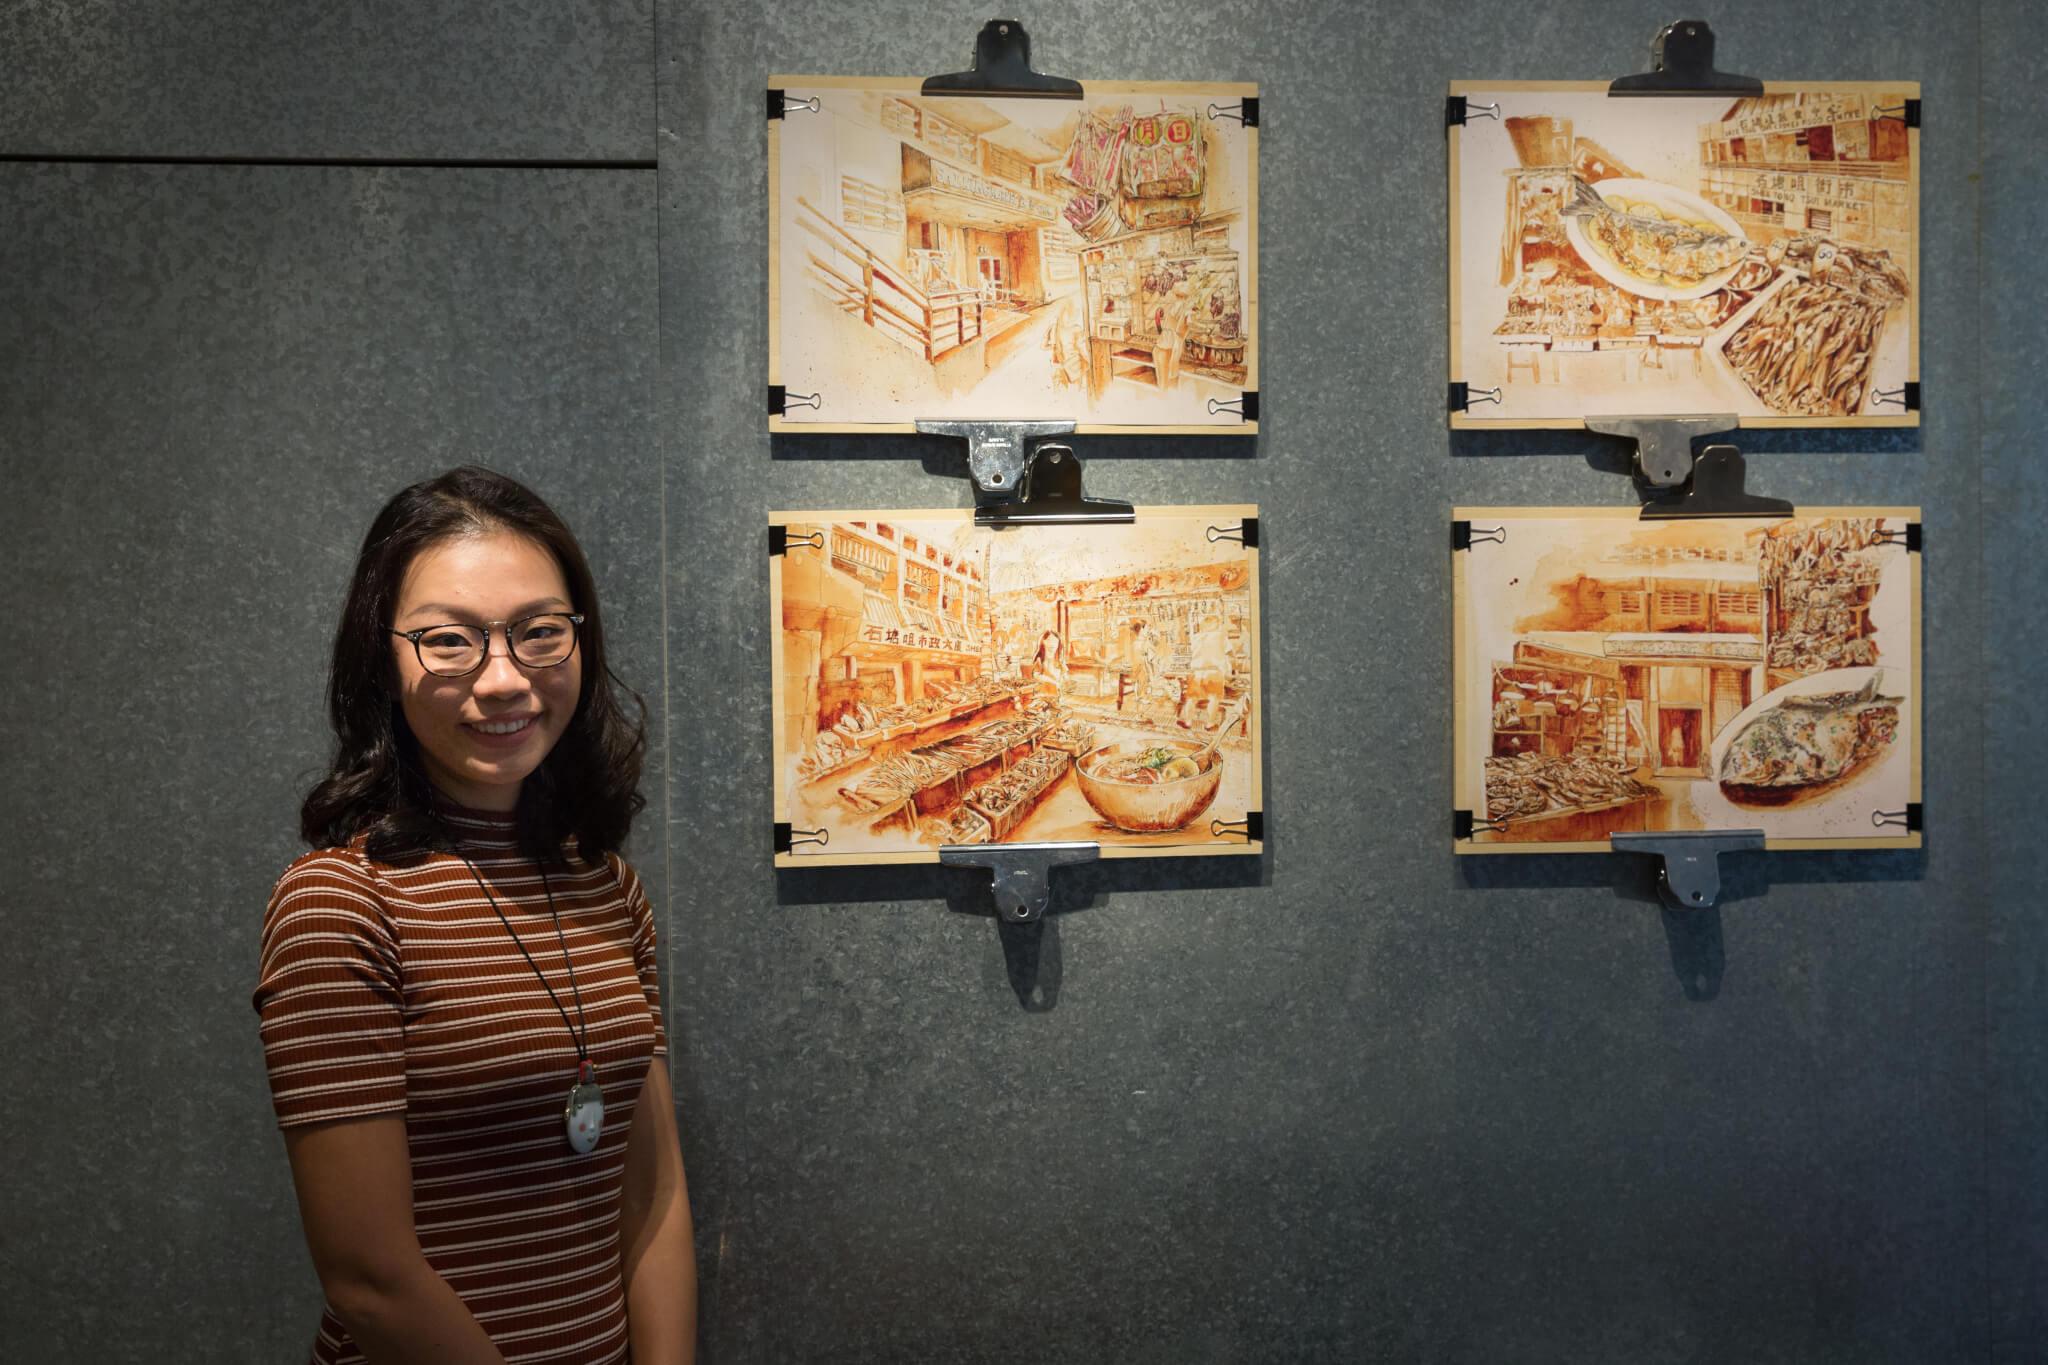 除了咖啡畫,Ling亦會以「一筆畫」手法創作。